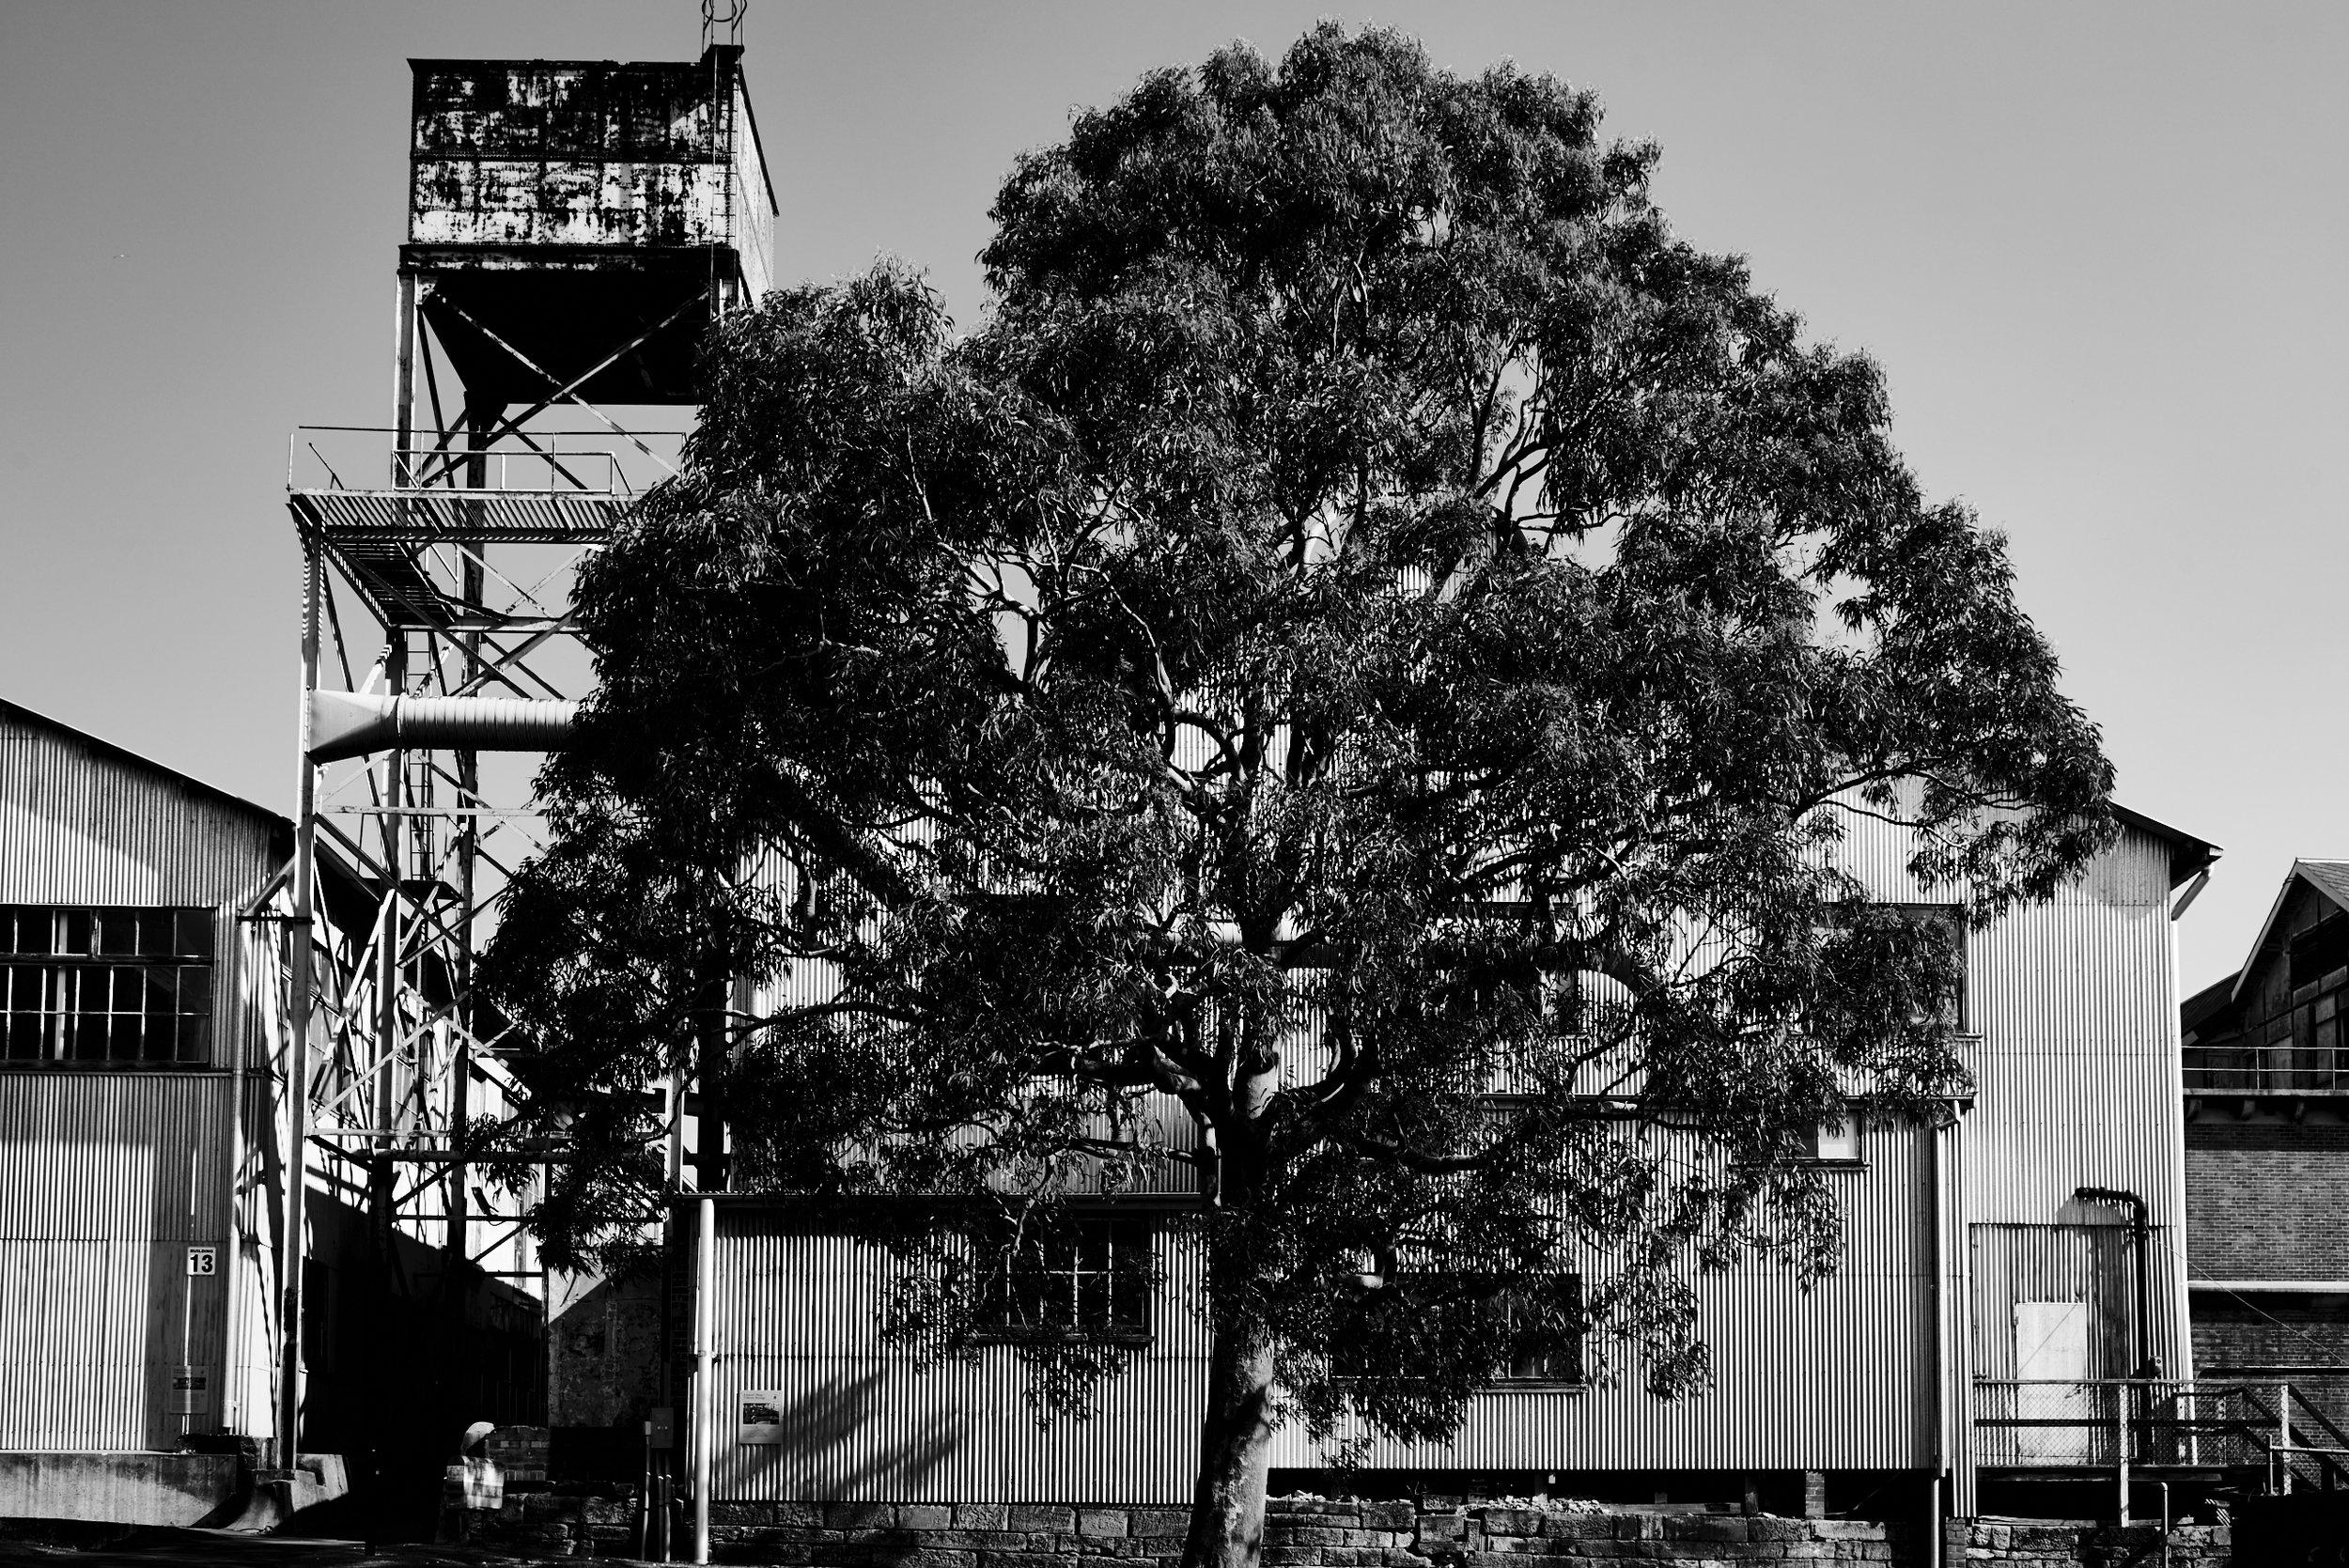 Untitled, Sydney, 2015